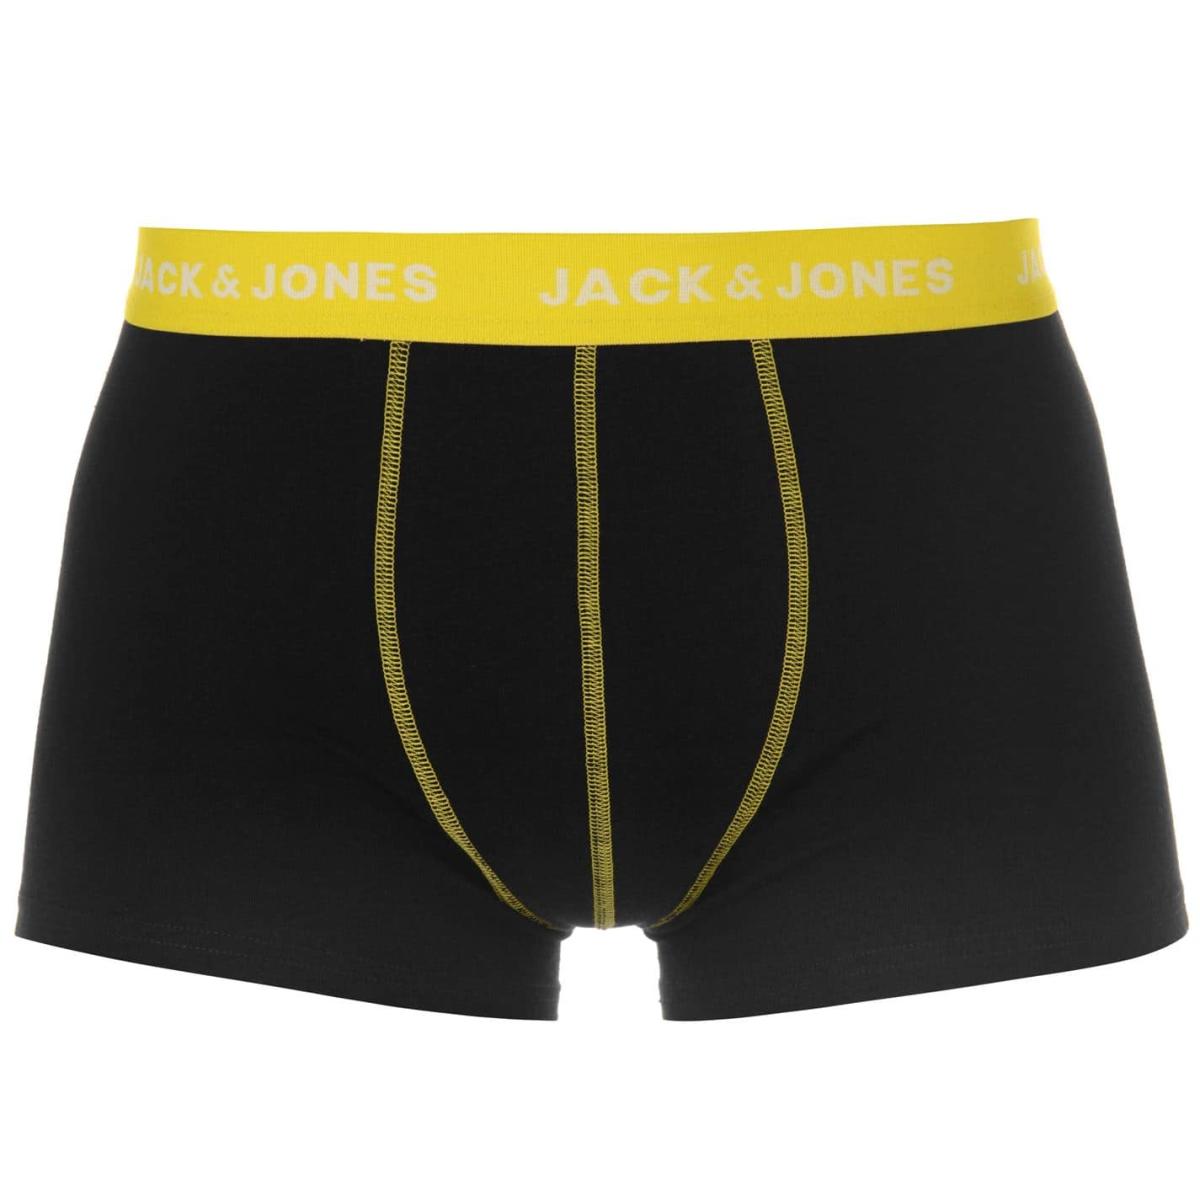 Jack And Jones 3 Stück Solid Trunks Boxershorts Herren